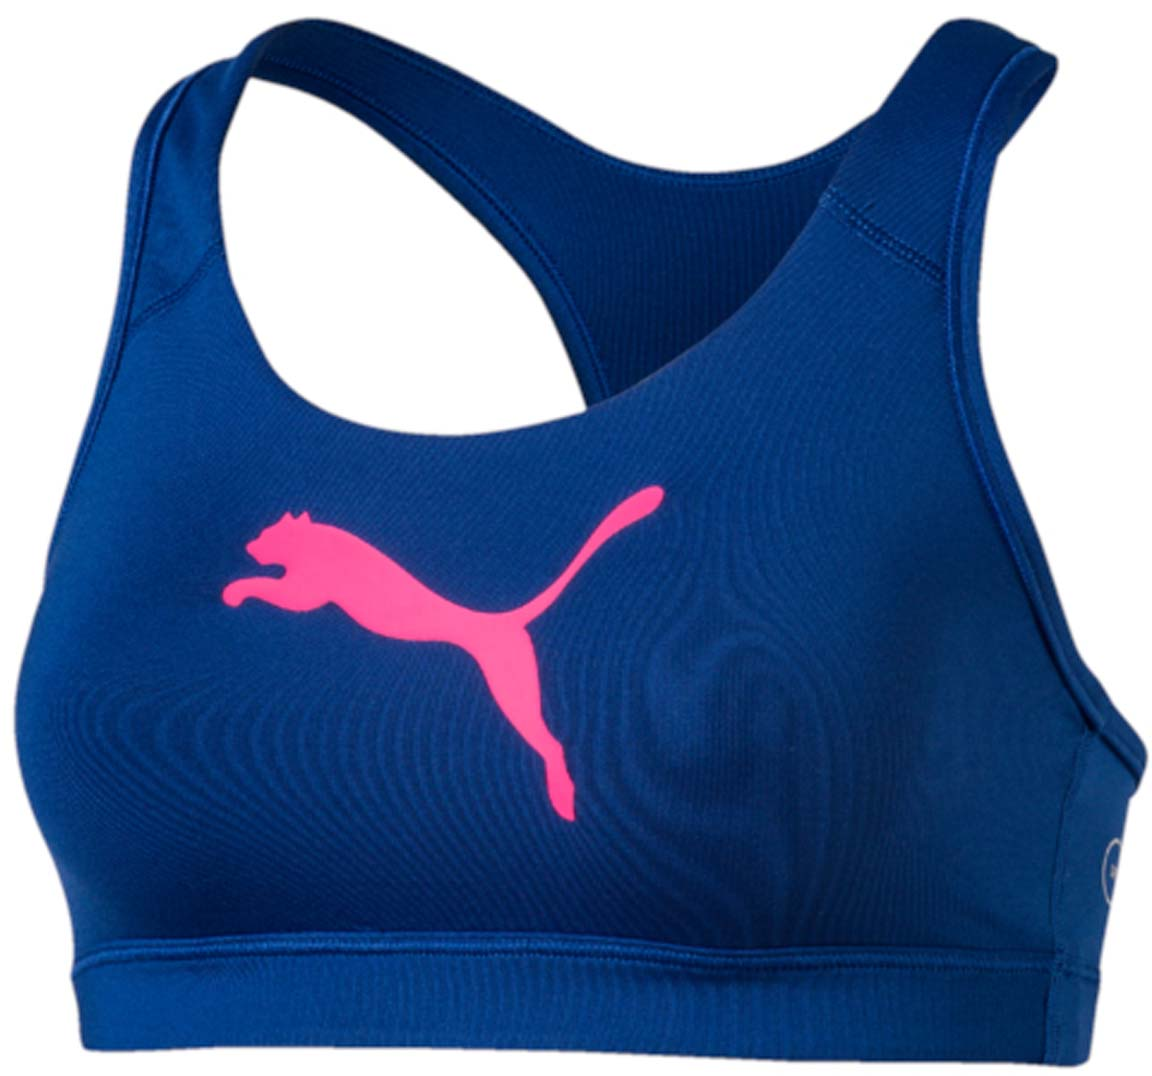 Топ-бра для фитнеса Puma PWRSHAPE Forever, цвет: синий, розовый. 513965_28. Размер L (48)513965_28Этот спортивный бюстгальтер-топ станет вашей любимой моделью, потому что он - незаменимая часть вашего гардероба для занятий спортом и активного отдыха! Отличный дизайн обеспечивает универсальность, поэтому бюстгальтер можно надевать в тренажерный зал, на занятие всеми видами фитнеса, на пробежку. Дополнительные удобства создаются за счет использования высокофункциональной технологии dryCELL, которая отводит влагу, поддерживает тело сухим и гарантирует комфорт во время активных тренировок и занятий спортом. Наплечные лямки с мягкой подложкой, не перекрещивающиеся на спине, не натирают, не давят, а также обеспечивают полную свободу движений и удобство надевания изделия благодаря функциональному крою спины. Отделка низа сверхэластичным плотным материалом создает дополнительную поддержку. Бюстгальтер декорирован спереди логотипом PUMA из светоотражающего материала, нанесенным методом термопечати, благодаря которому вас лучше видно в темное время суток. На нижний край изделия методом термопечати нанесен логотип dryCELL. Модель подходит для всех видов физической активности.